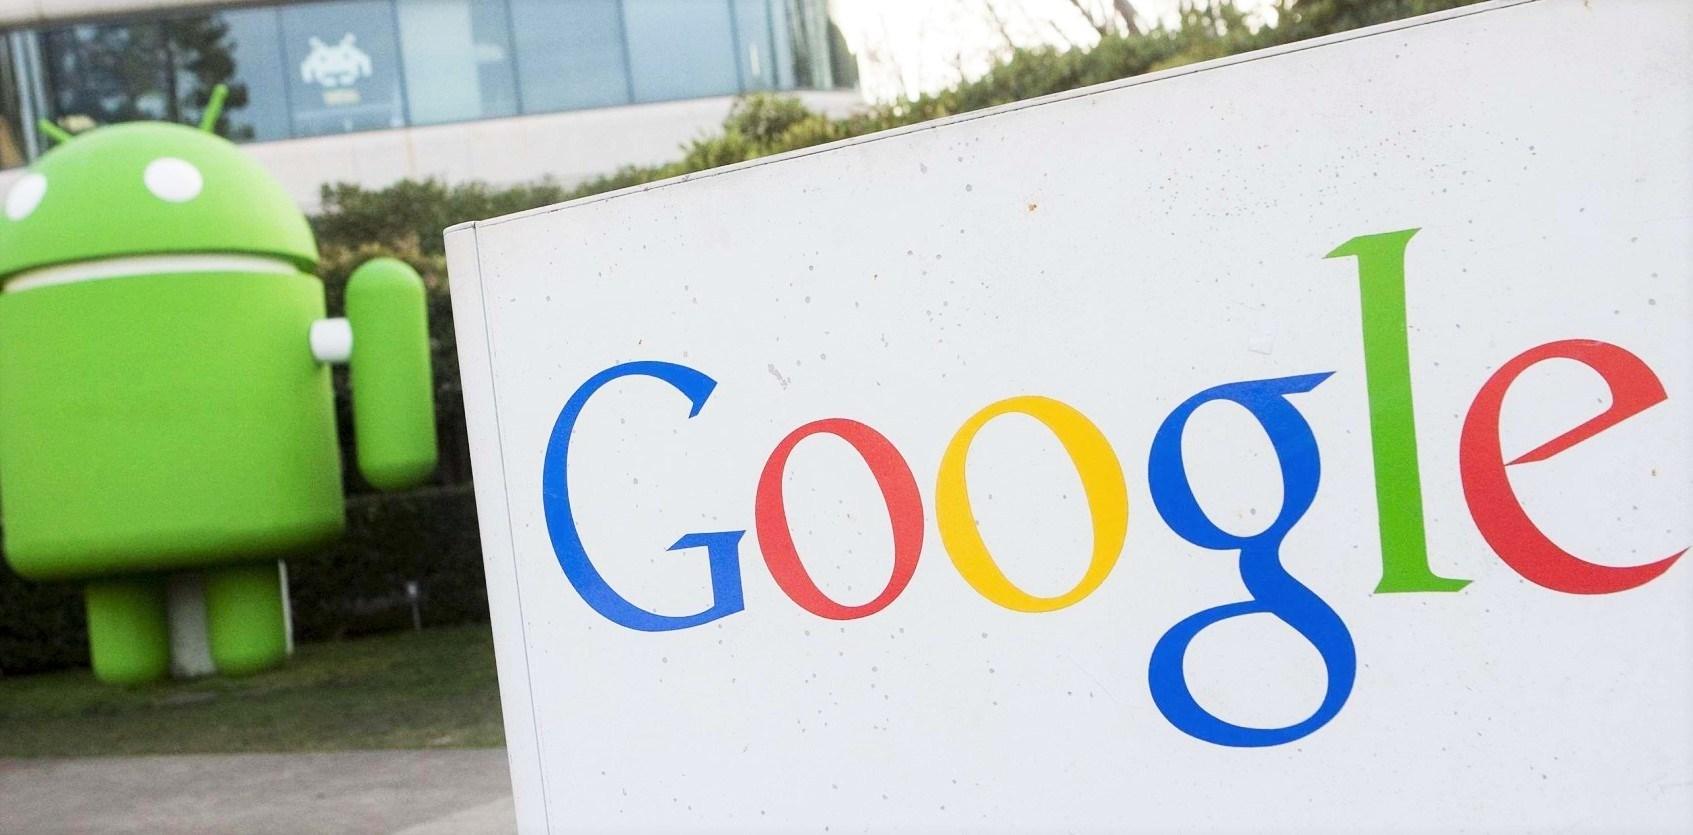 ستبيع Google الأجهزة في بيرو اعتبارًا من اليوم 1